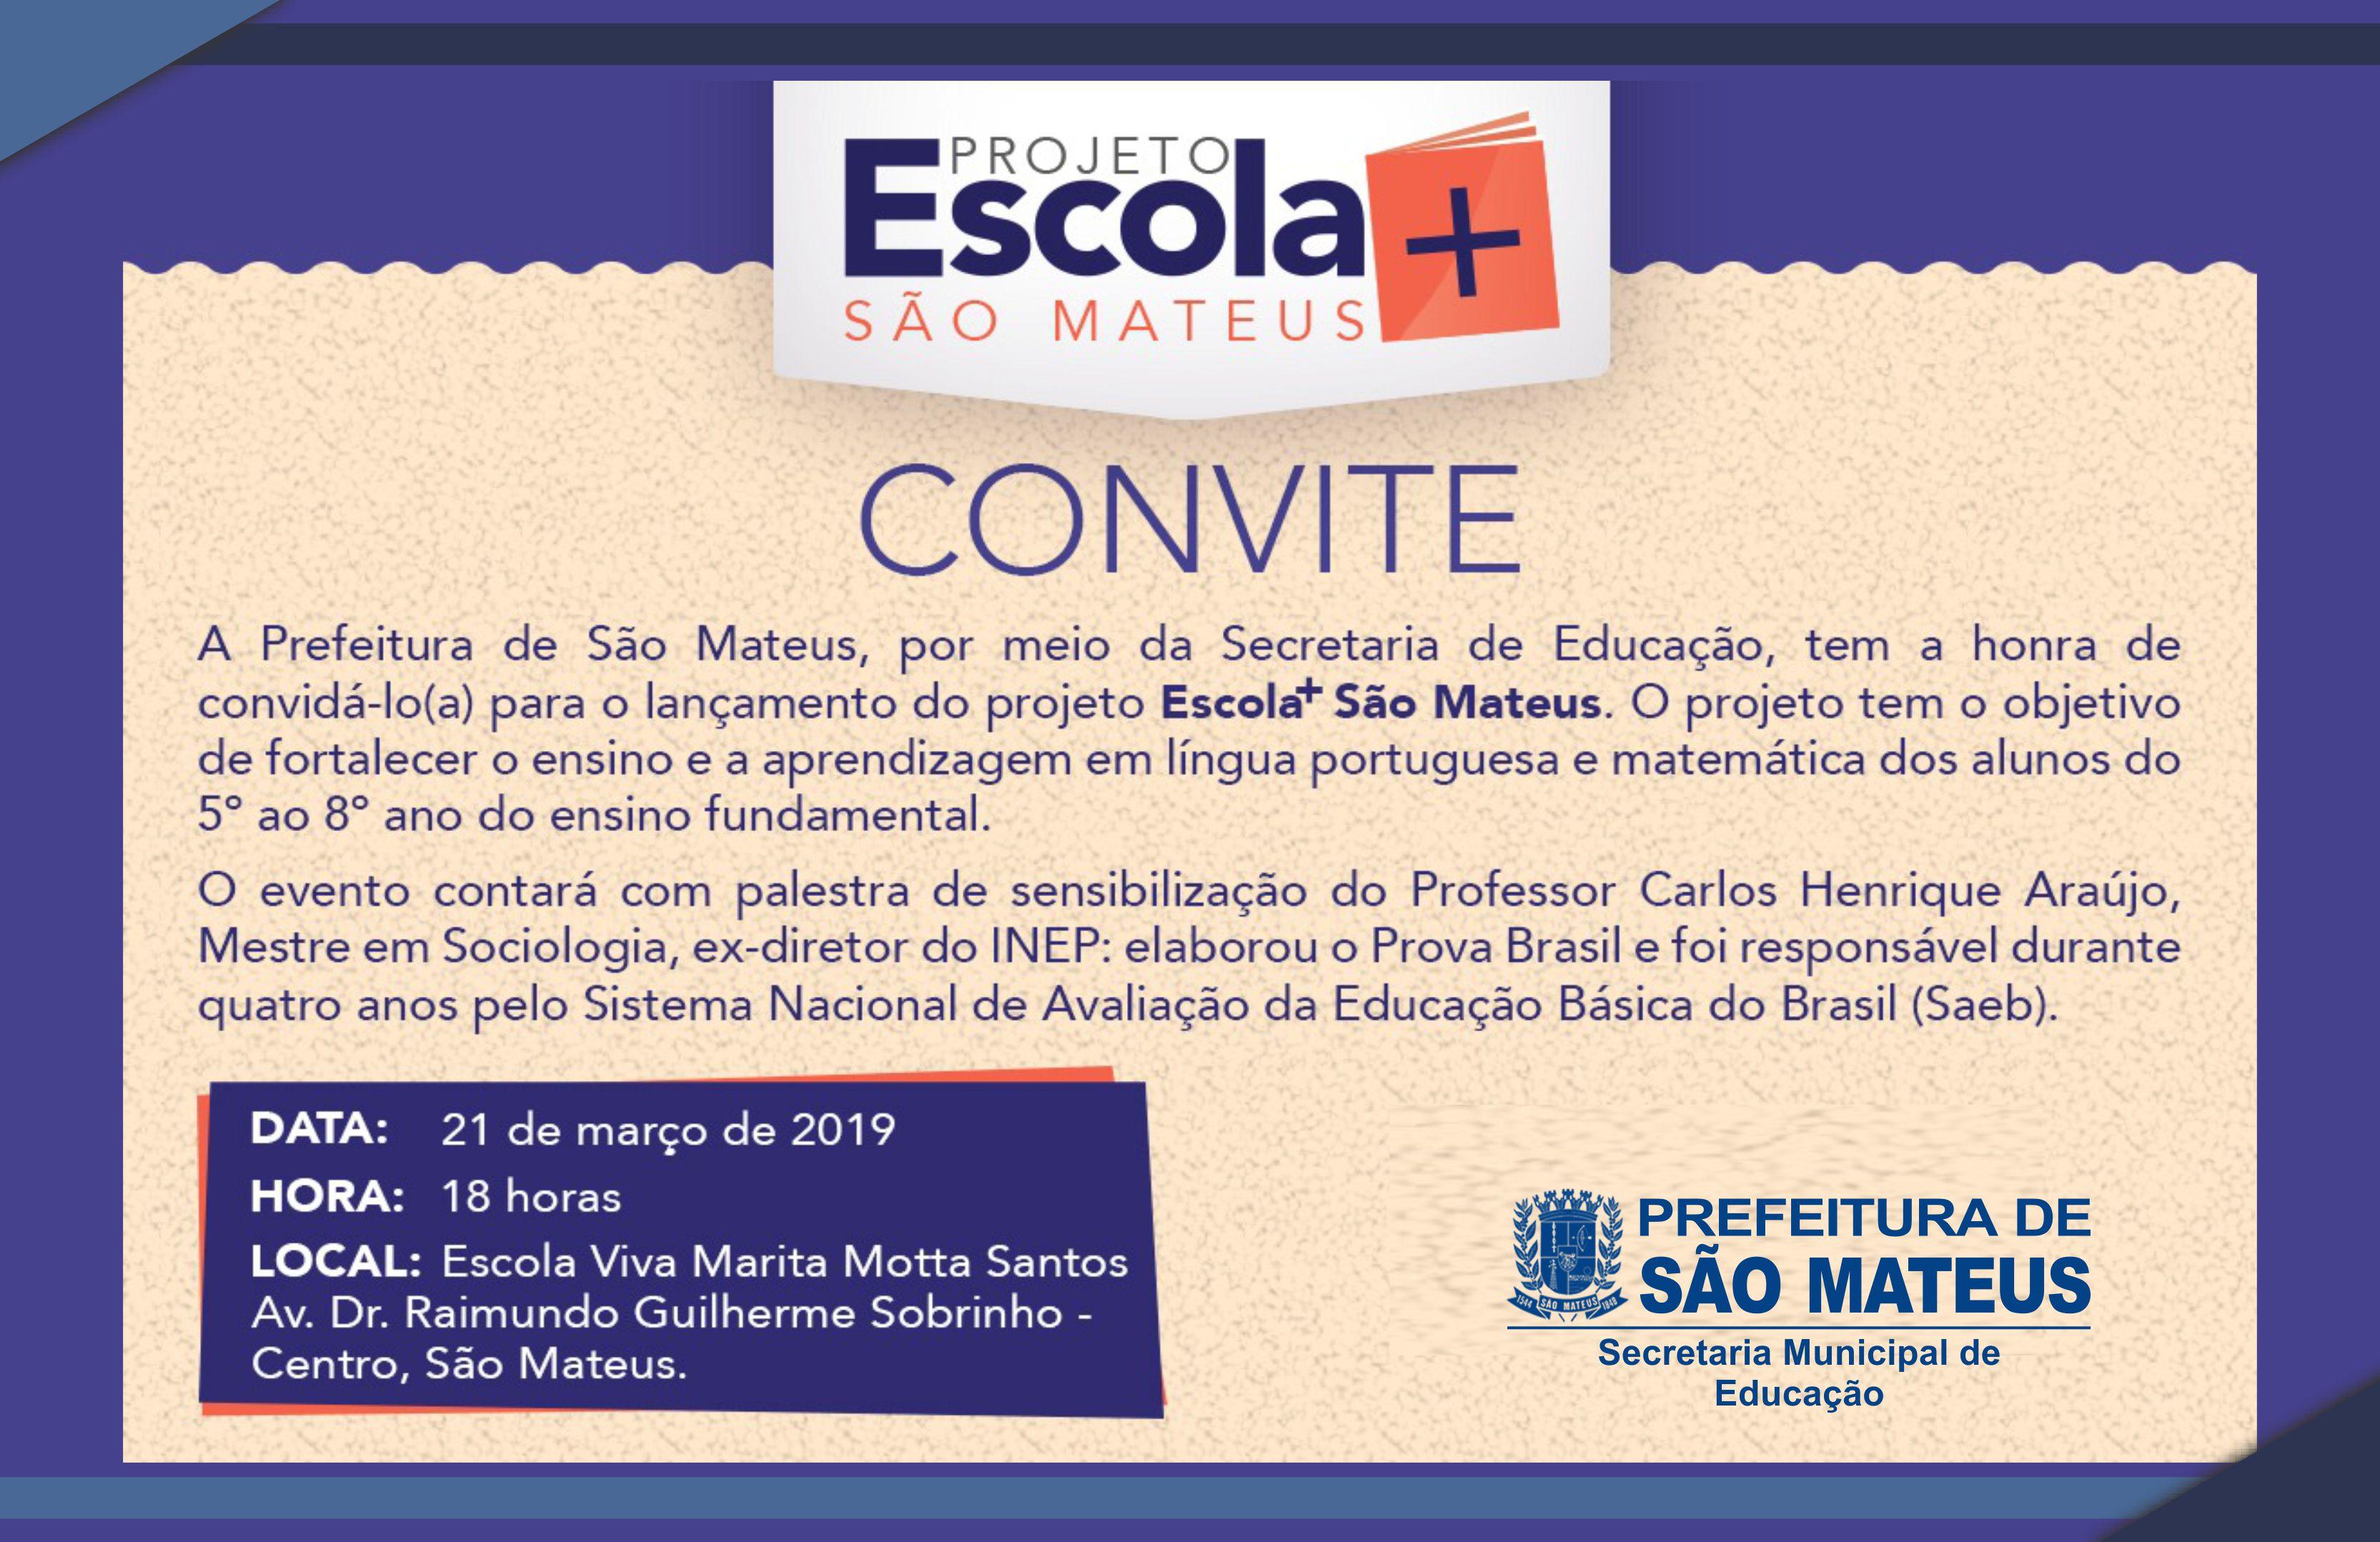 PREFEITURA LANÇA PROJETO ESCOLA+